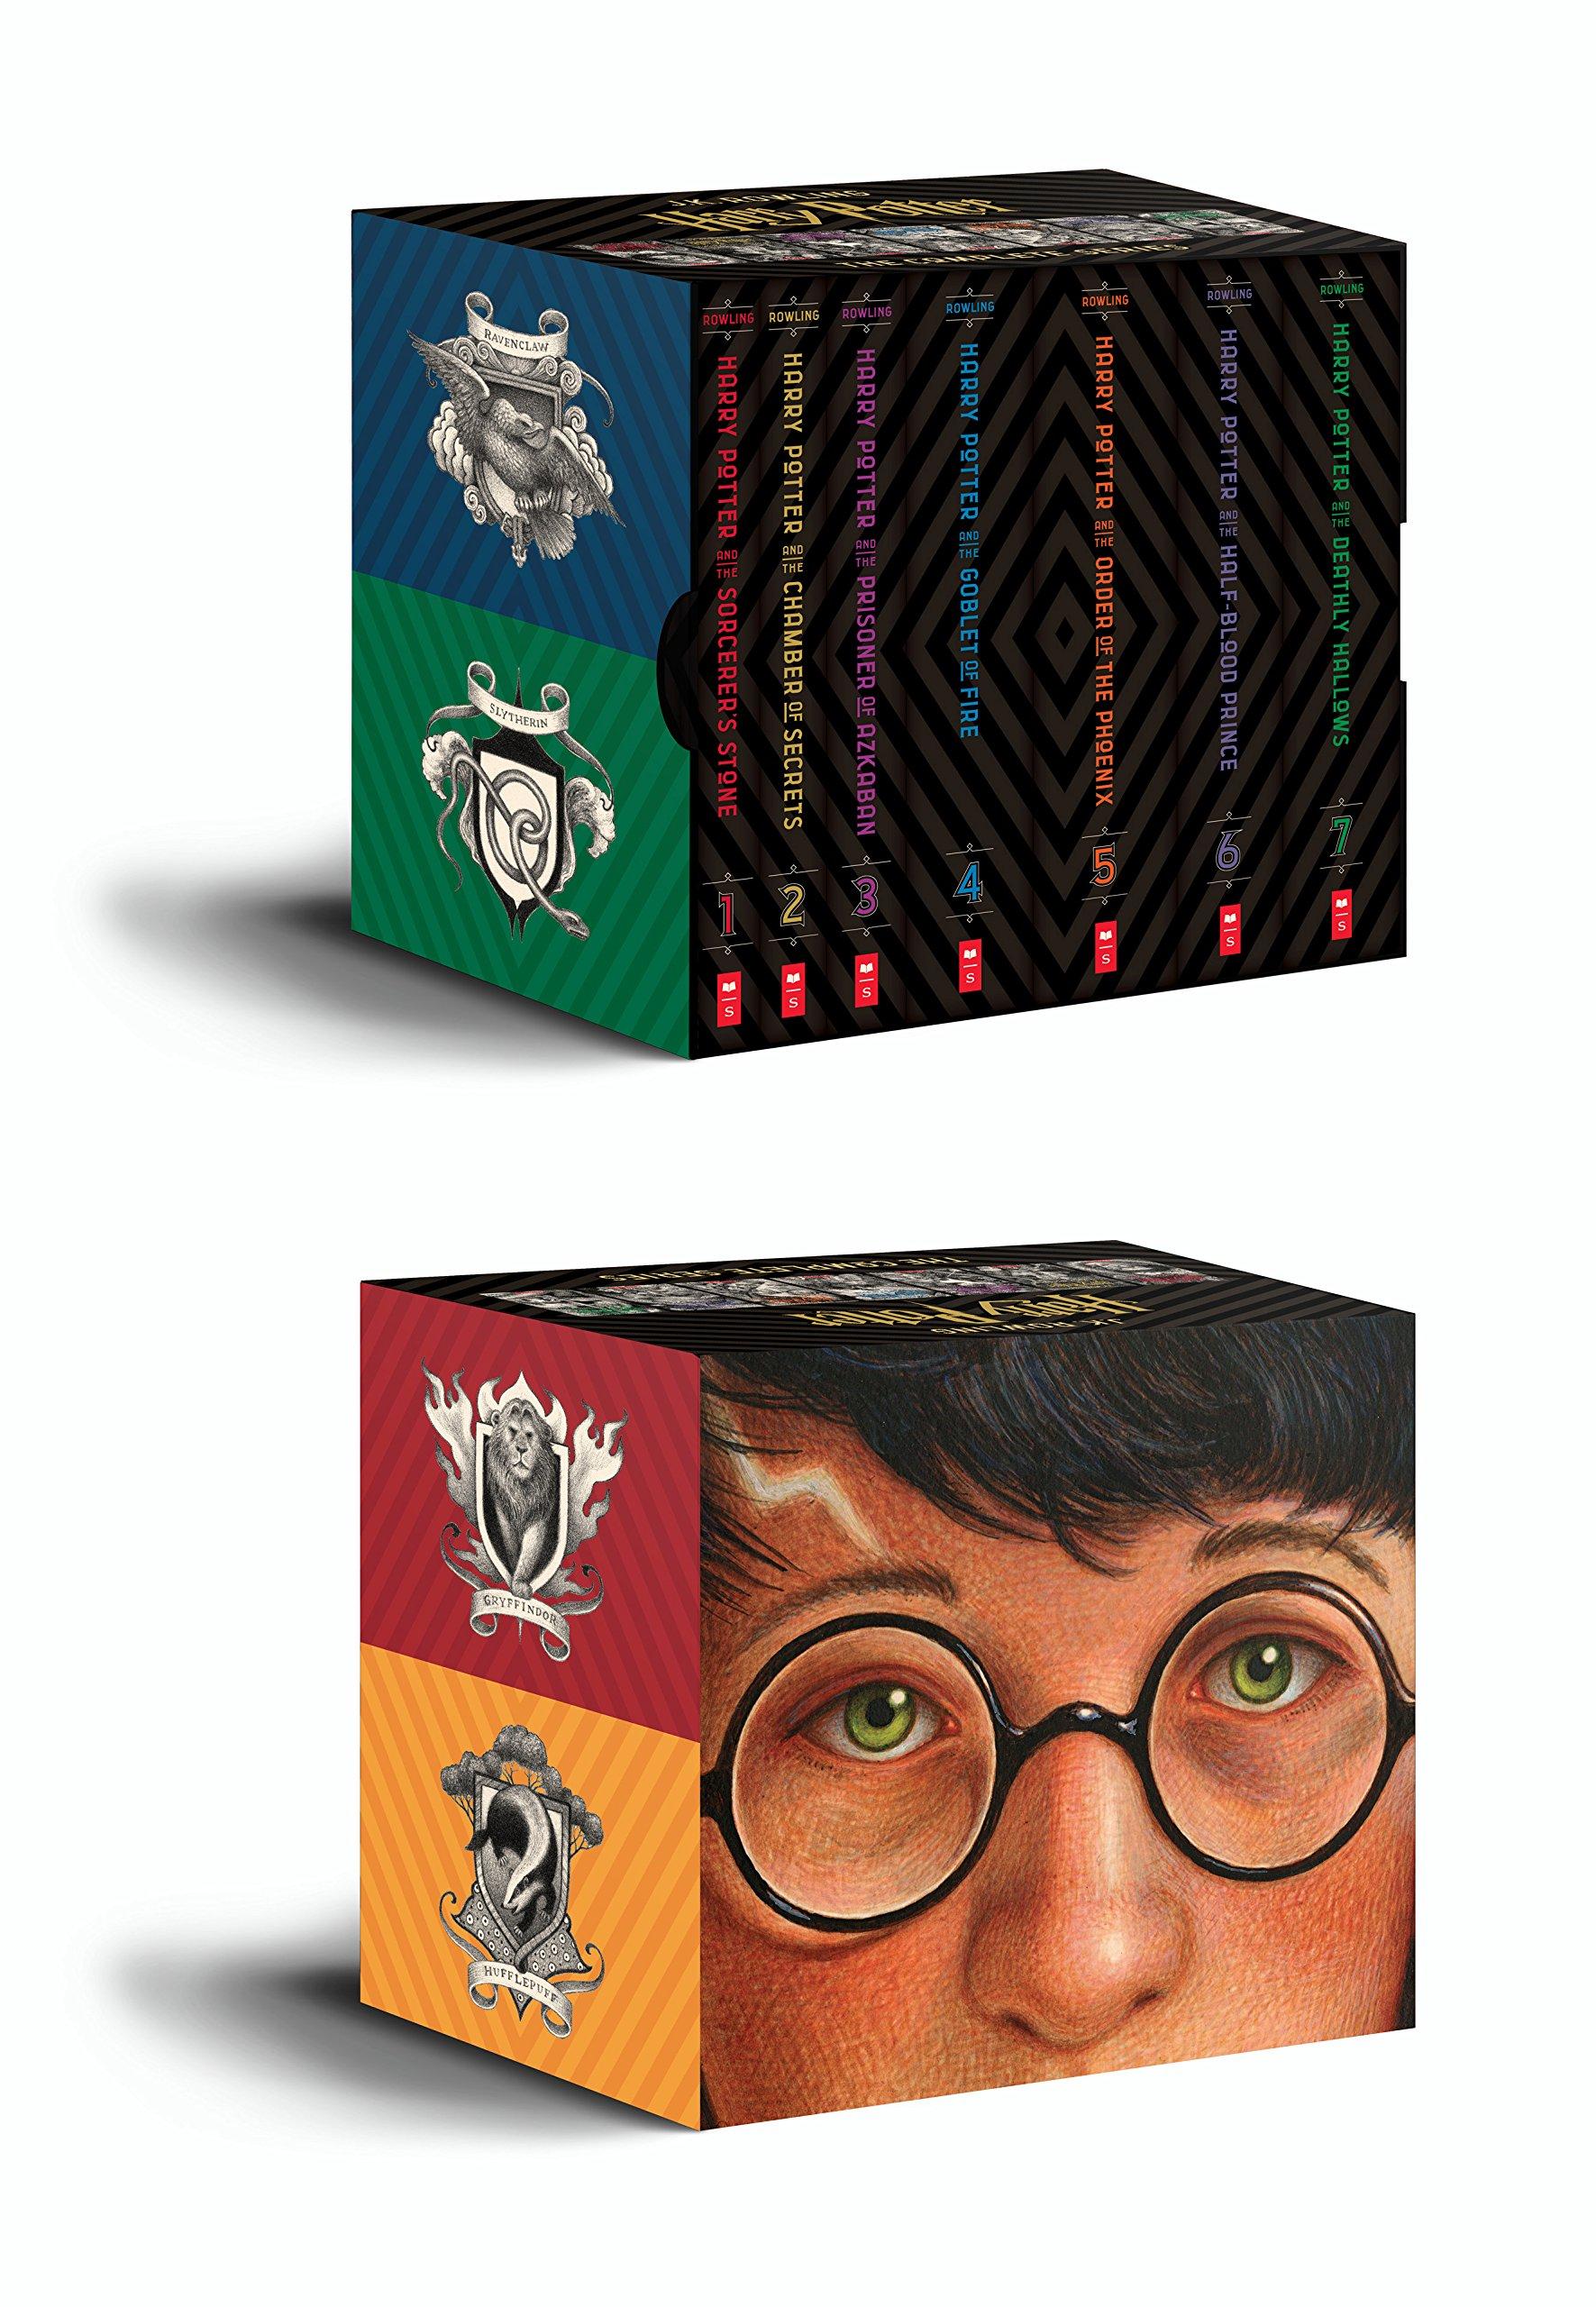 מארז כל ספרי הארי פוטר באנגלית ב₪133 בלבד! משלוח חינם!